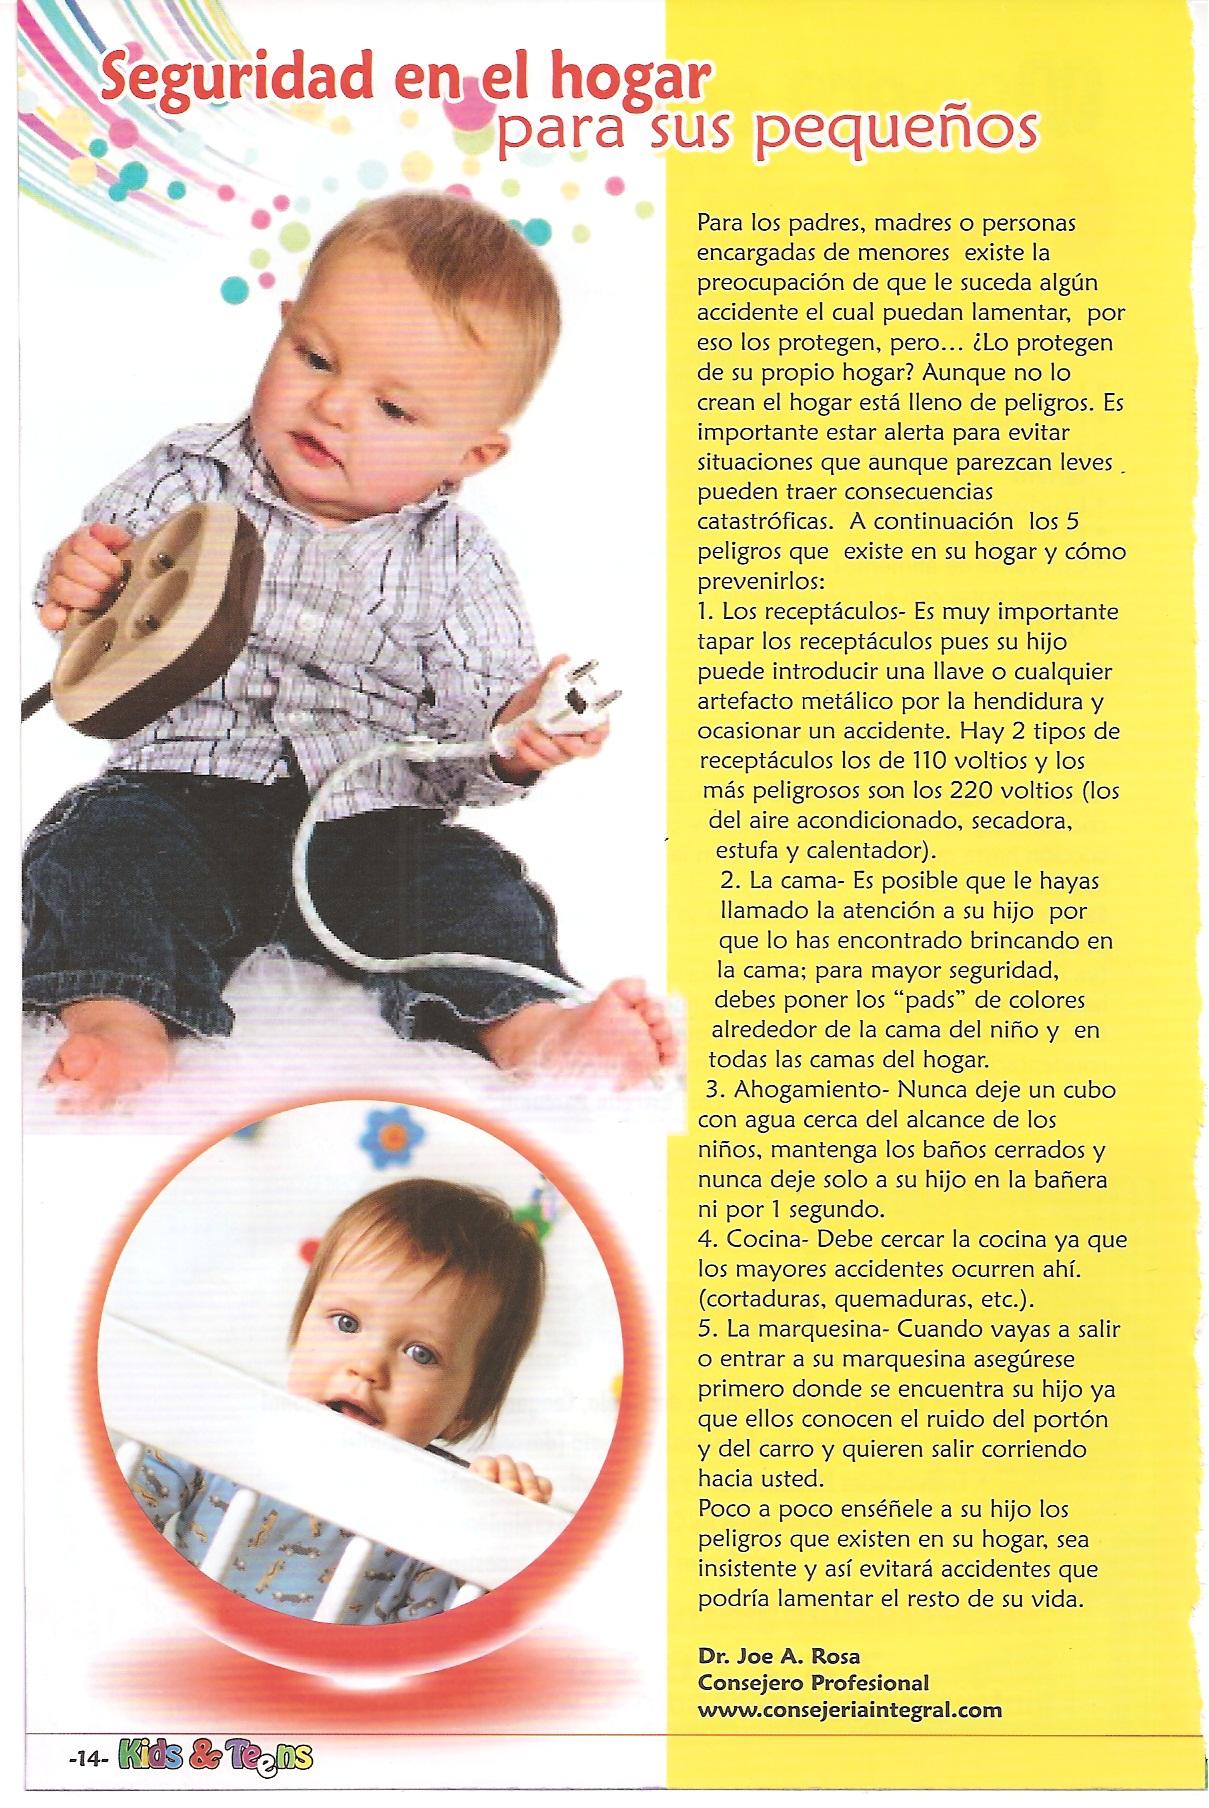 Seguridad en el hogar para tus pequeños